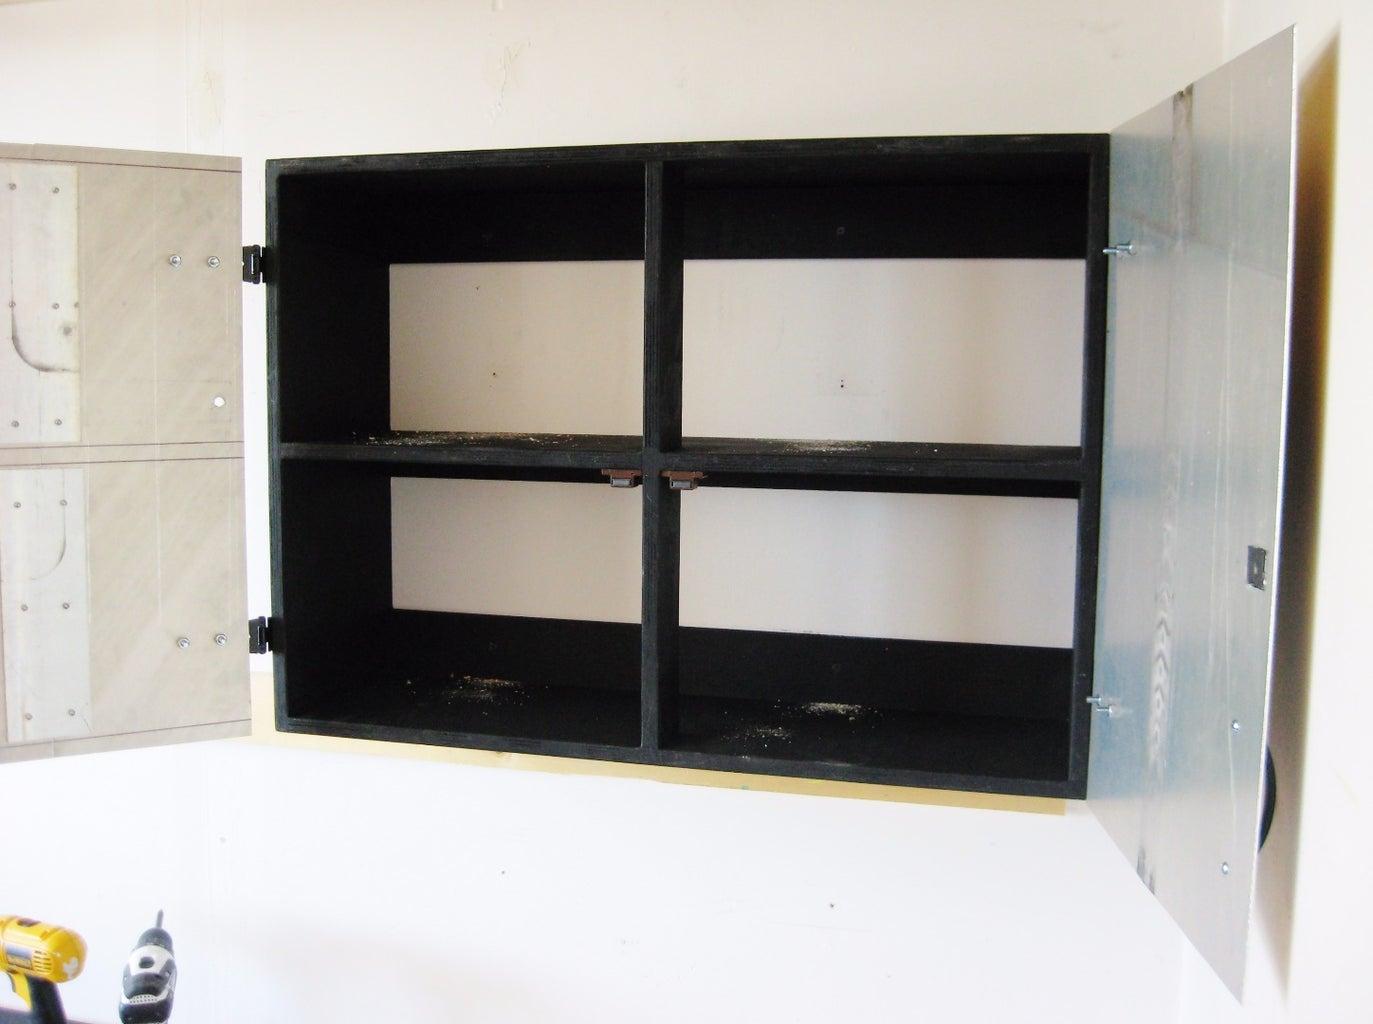 Hang Cabinets